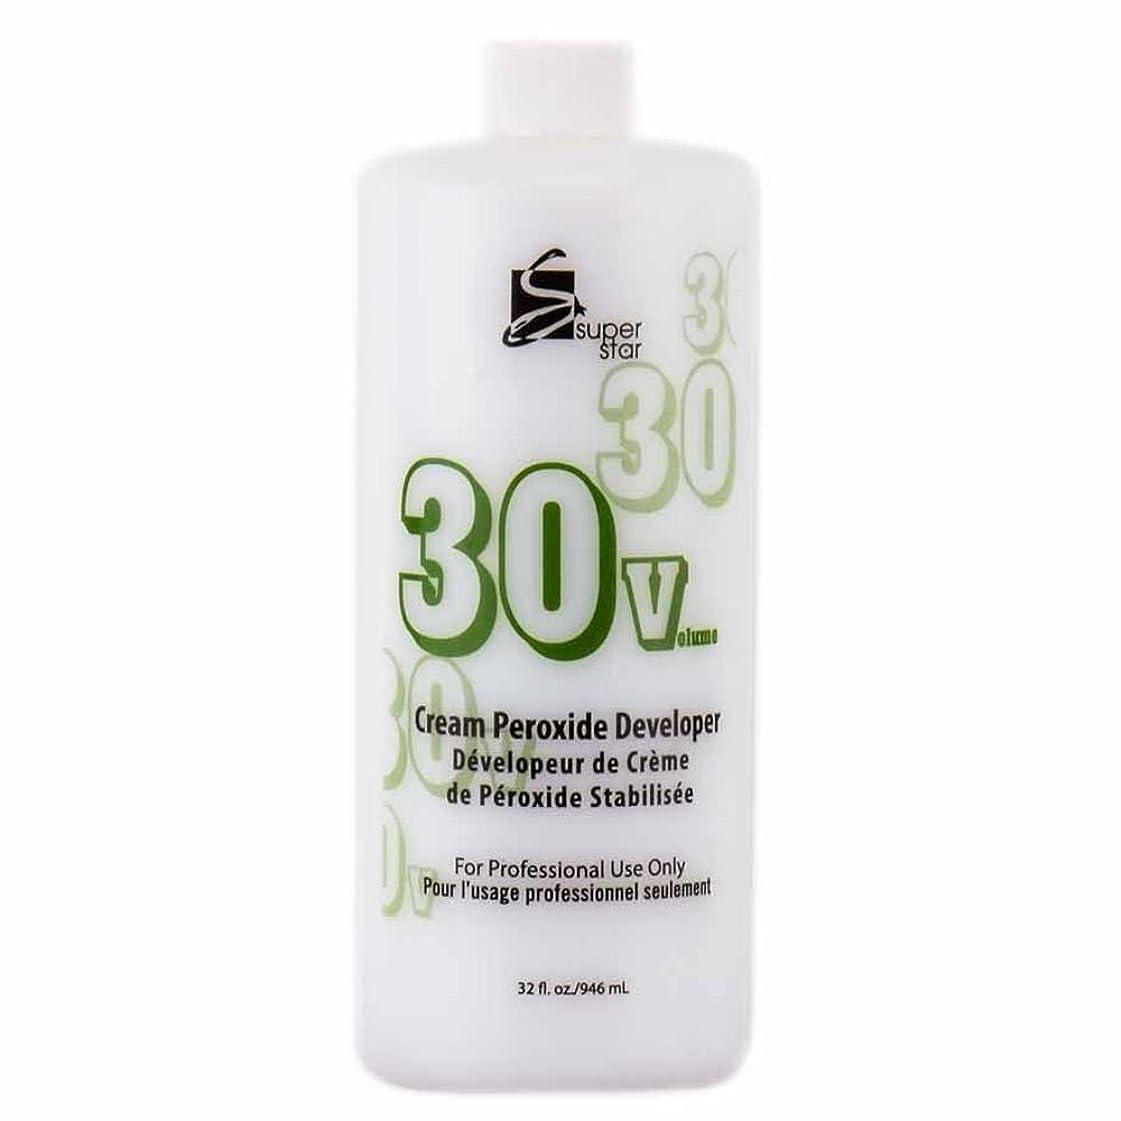 公爵ディーラー喜劇SUPER STAR Stabilized Cream Peroxide Developer 30V HC-50303 by Superstar